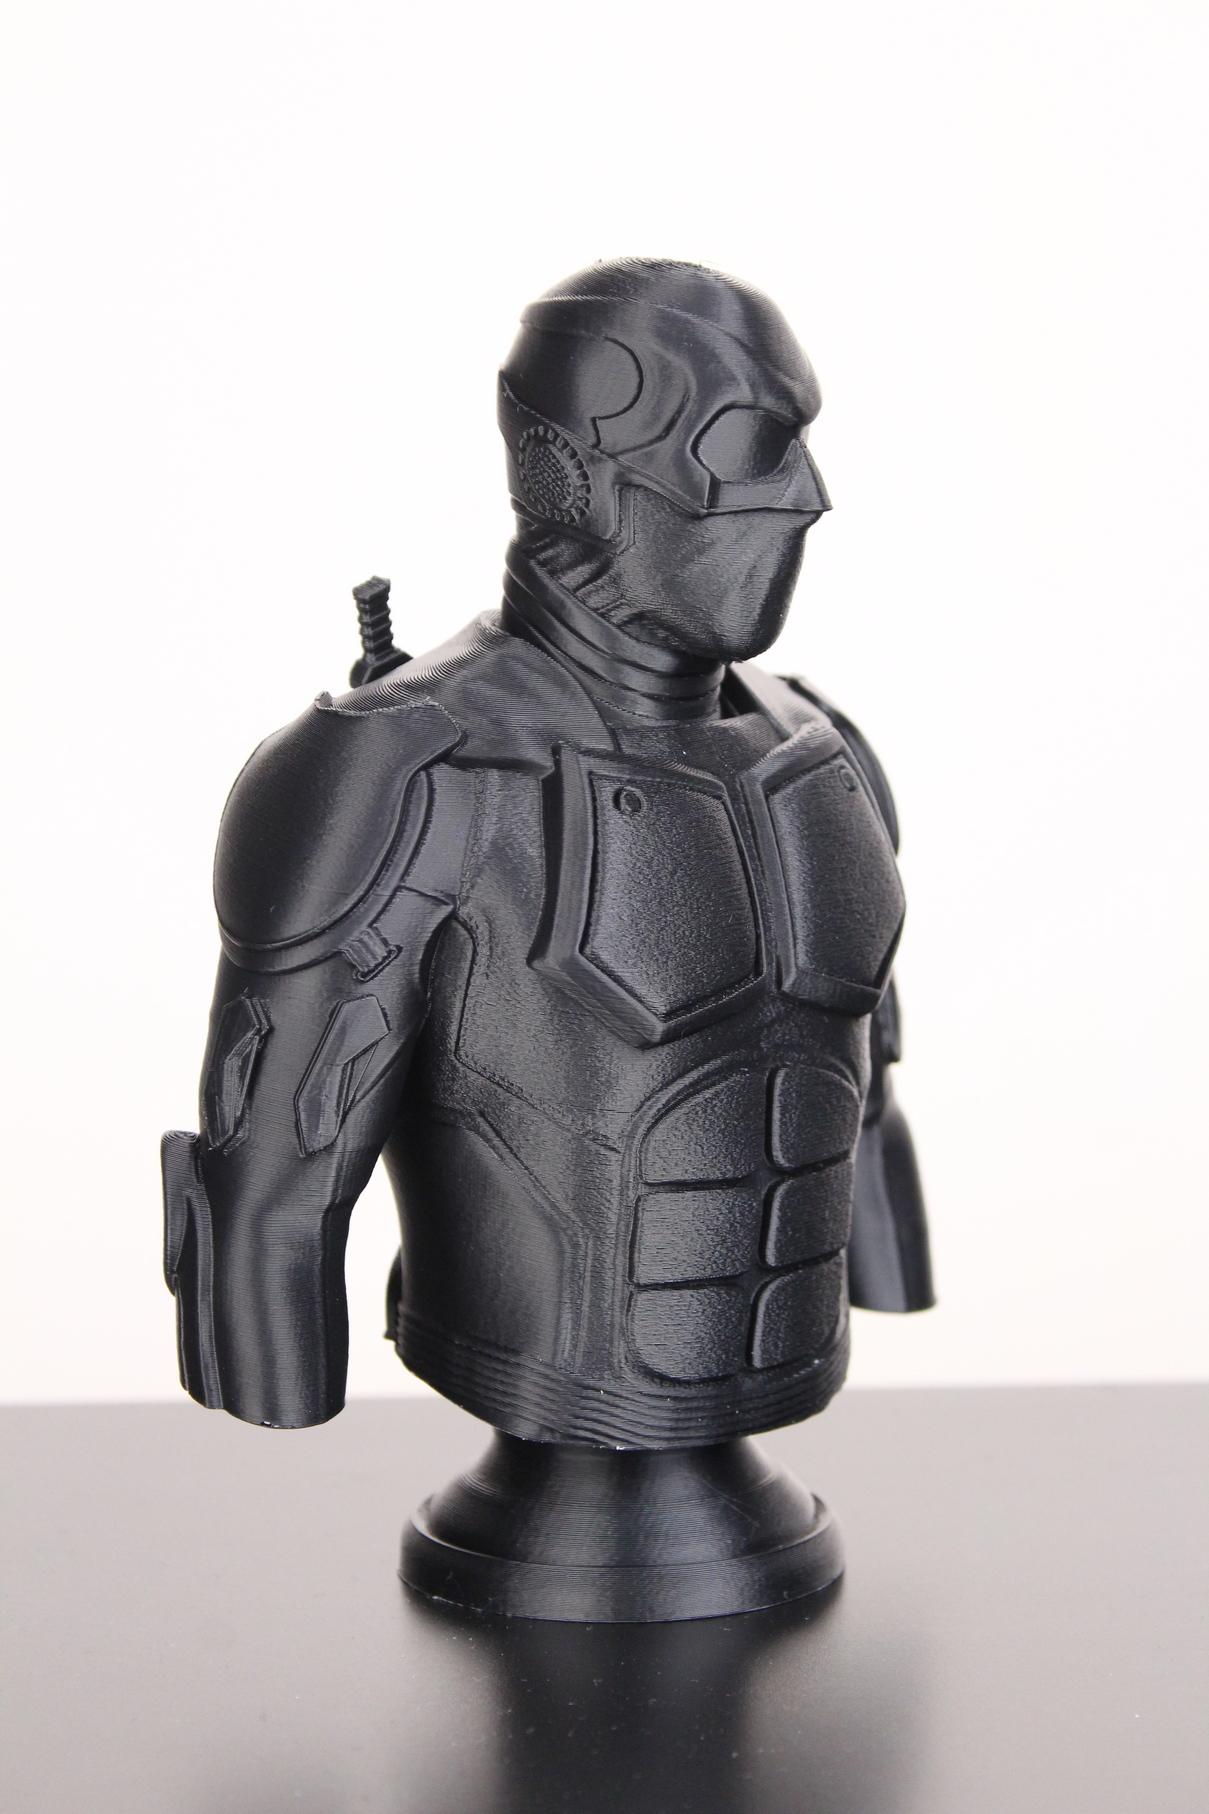 Black-Noir-Bust-on-Sermoon-D1-ABS-print-8